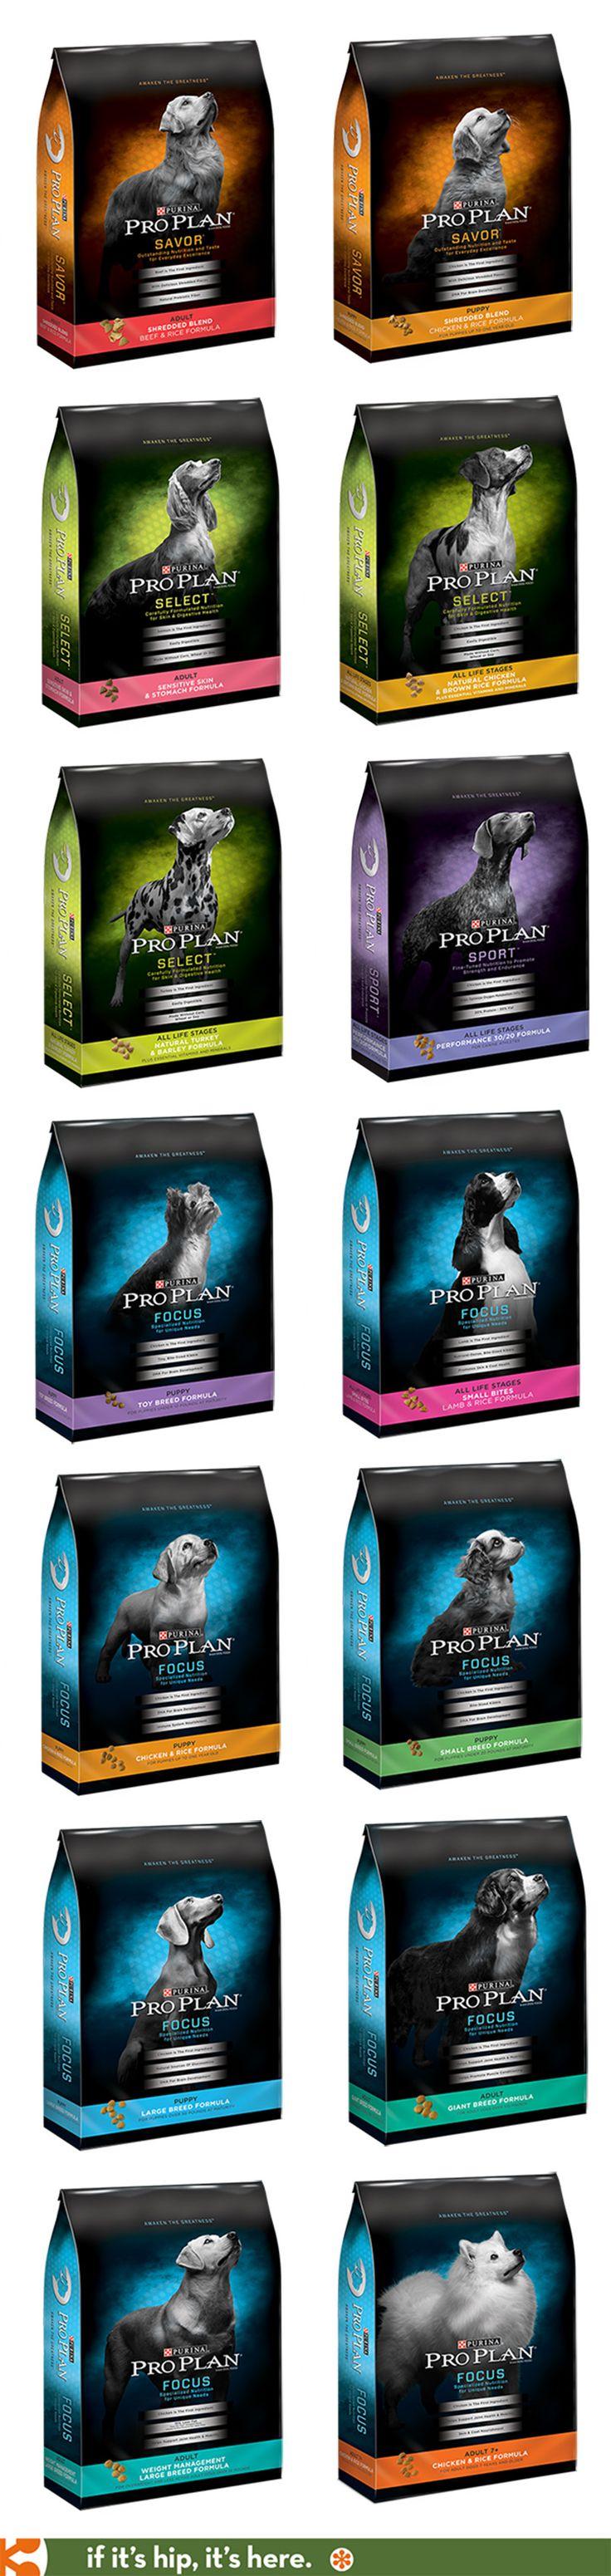 209d36ceb49114de341c57f8204f4066--pet-dogs-rescue-dogs